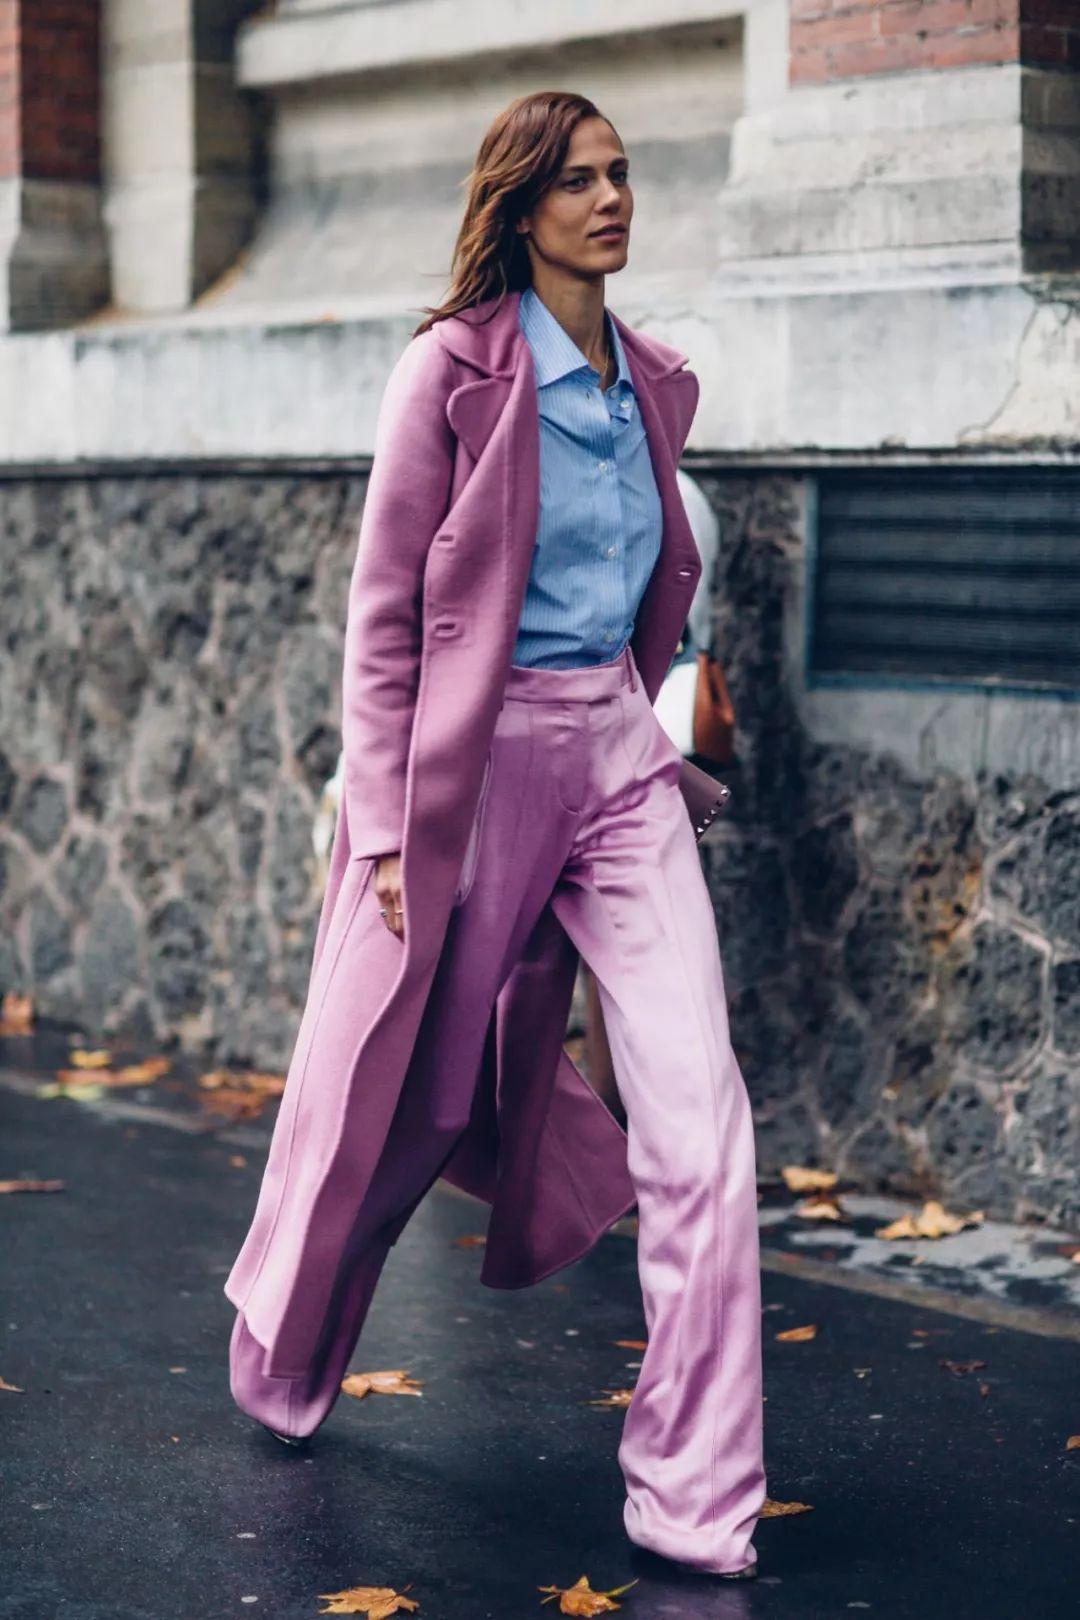 最潮流的衣服_欧 勒美丽 勾出时尚杂志